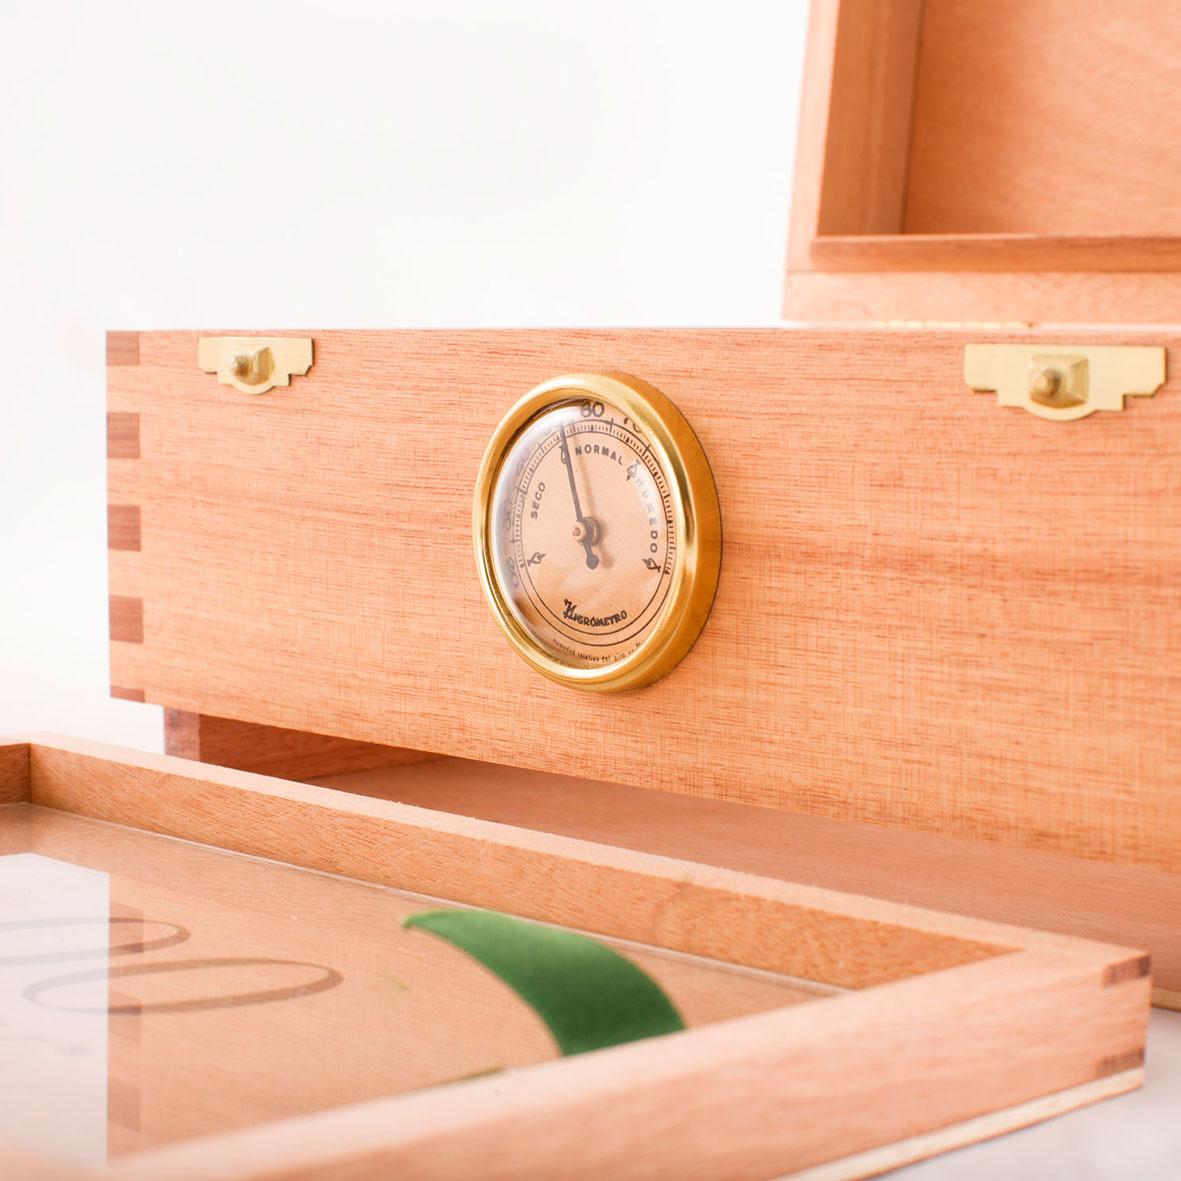 00box caja mediana 02